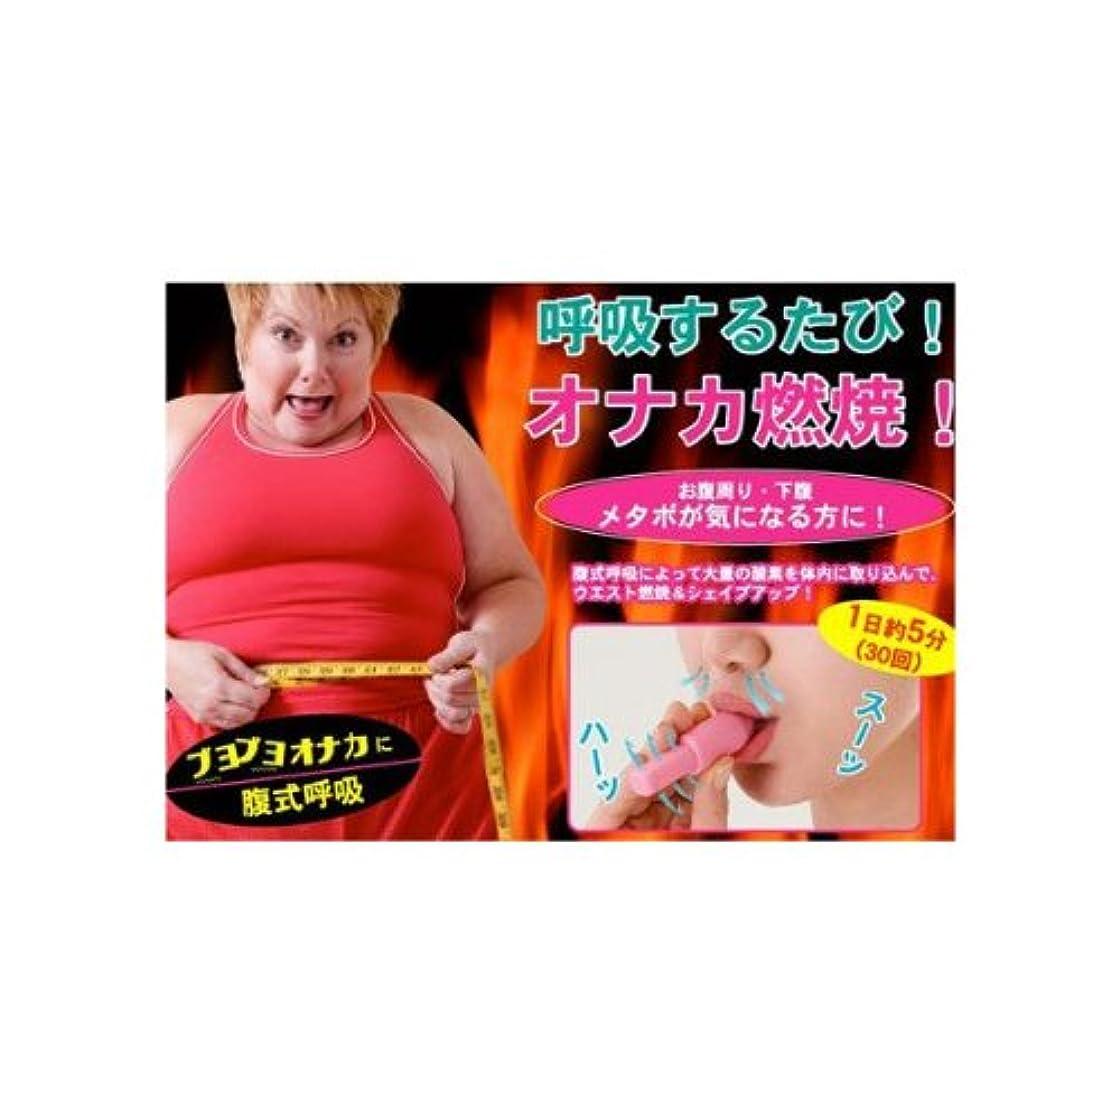 アピール思いやり構成する腹式呼吸によってウエスト&エクササイズ!腹式呼吸ダイエット『カロリーブレス』